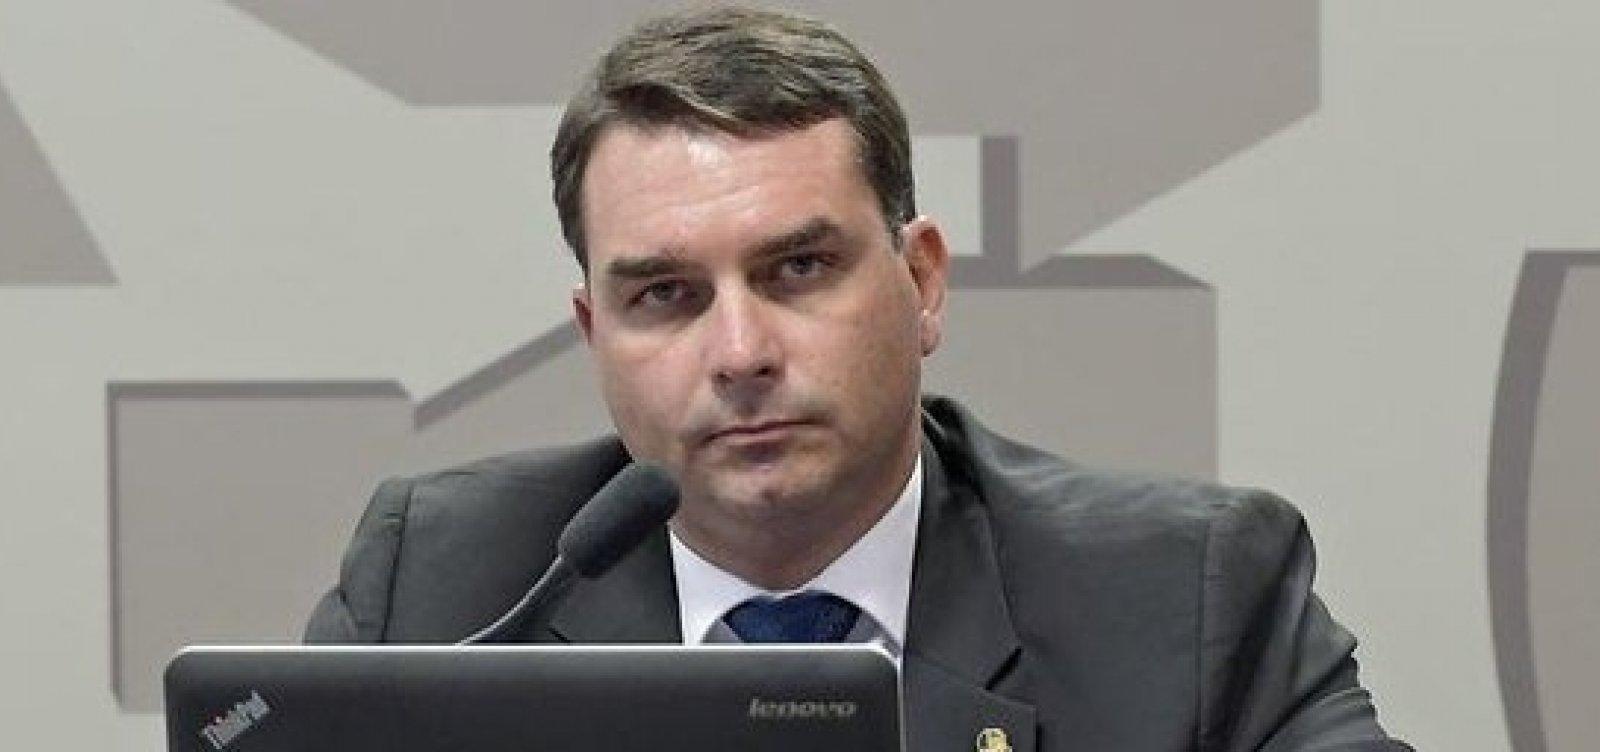 [Tese da defesa de Flávio Bolsonaro no caso das 'rachadinhas' é enfraquecida pela Justiça]